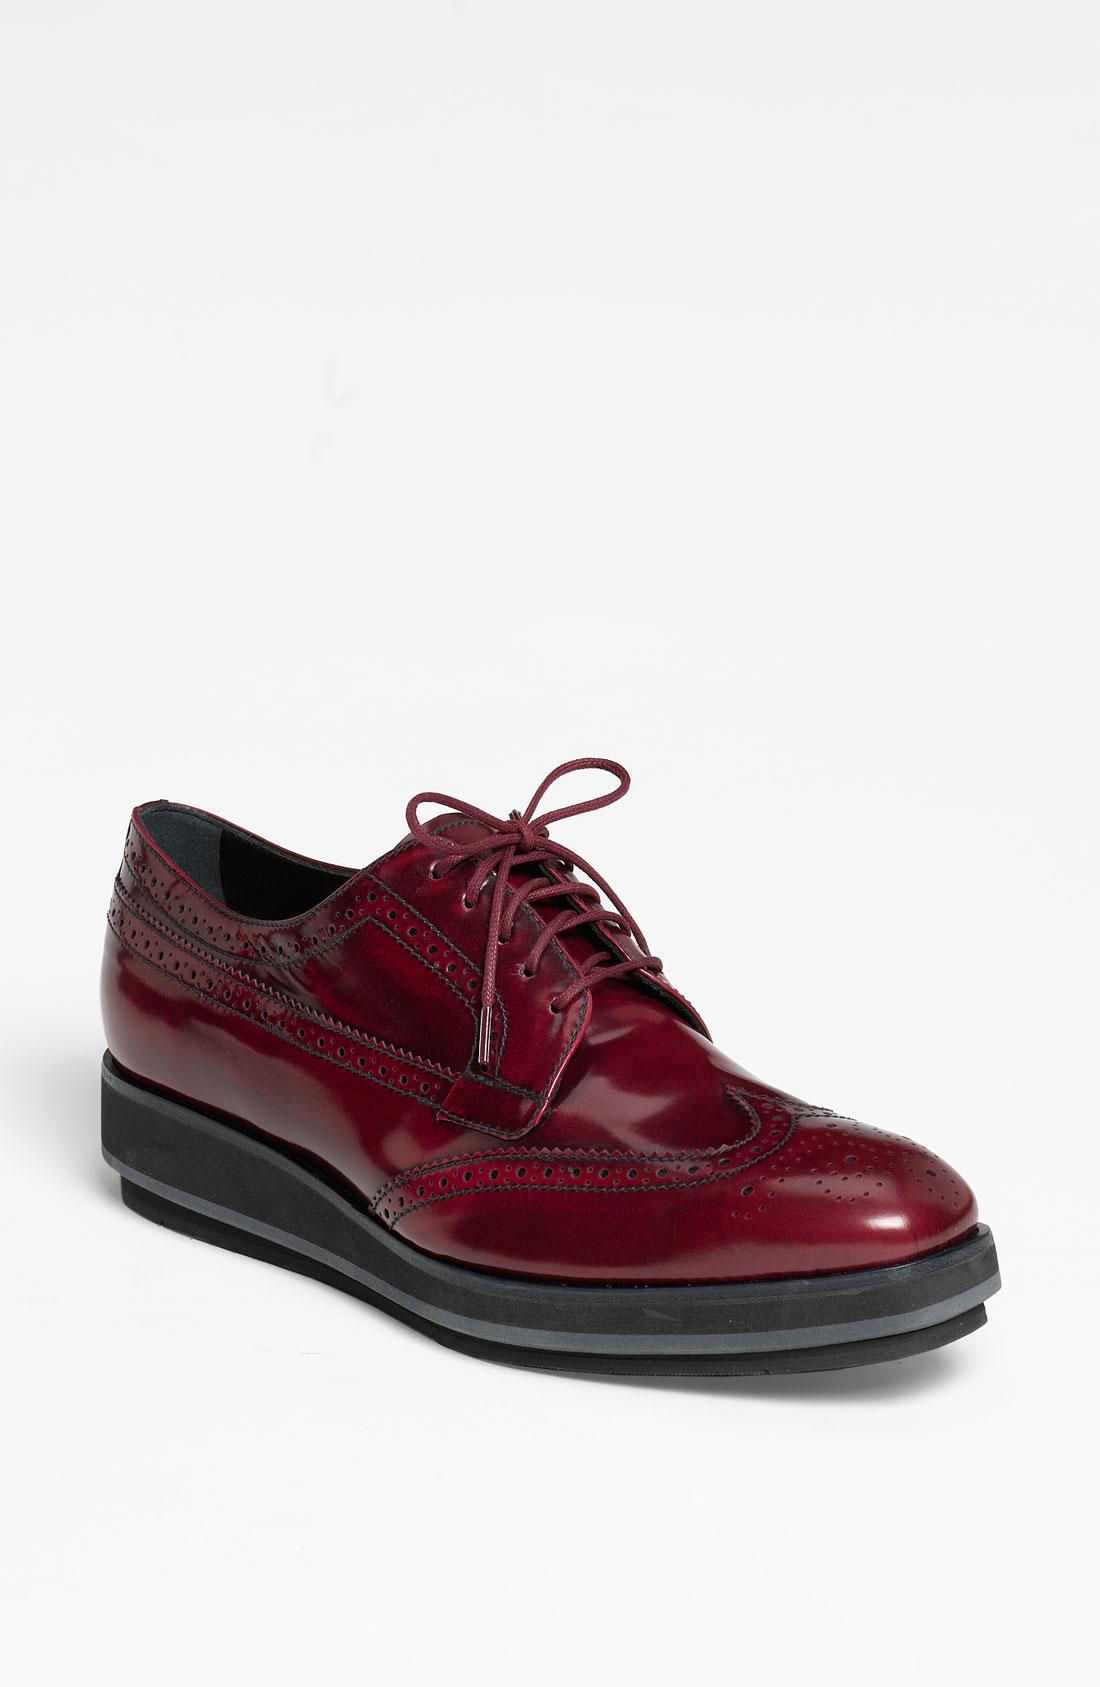 Oxford Shoes Platform 28 Images S Platform Lace Up Lug